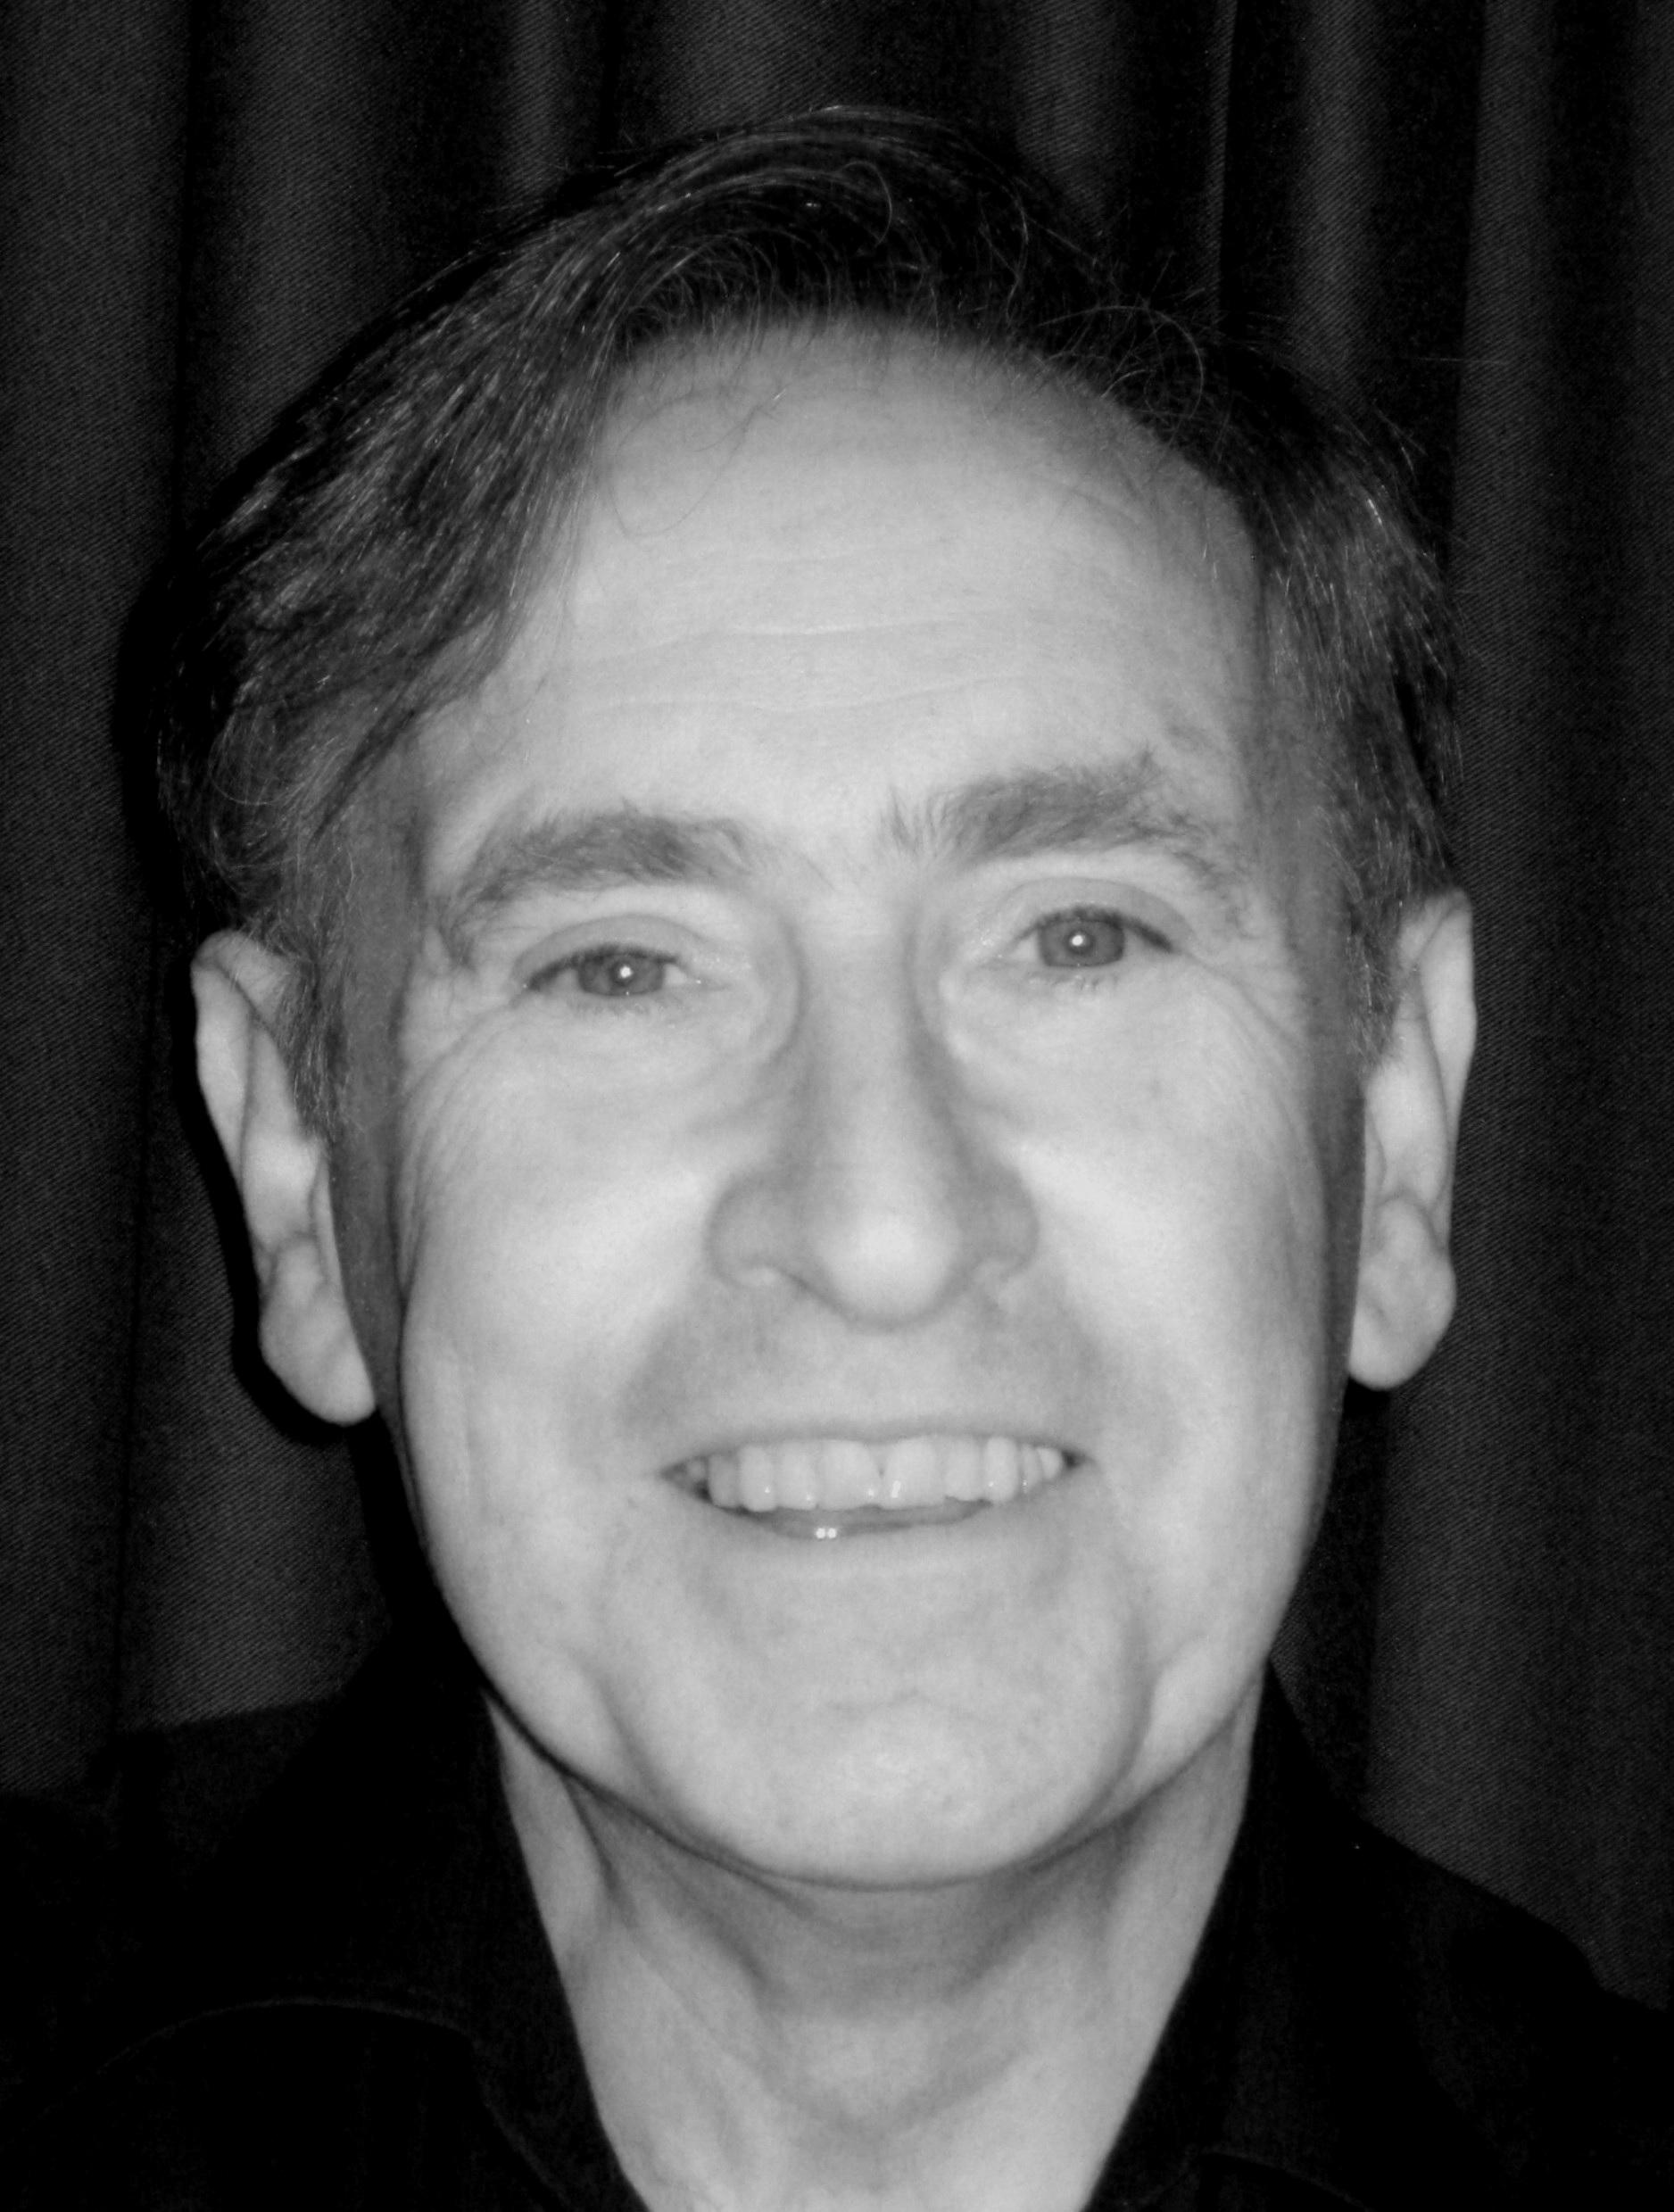 John Matthews - Judge Hathorne